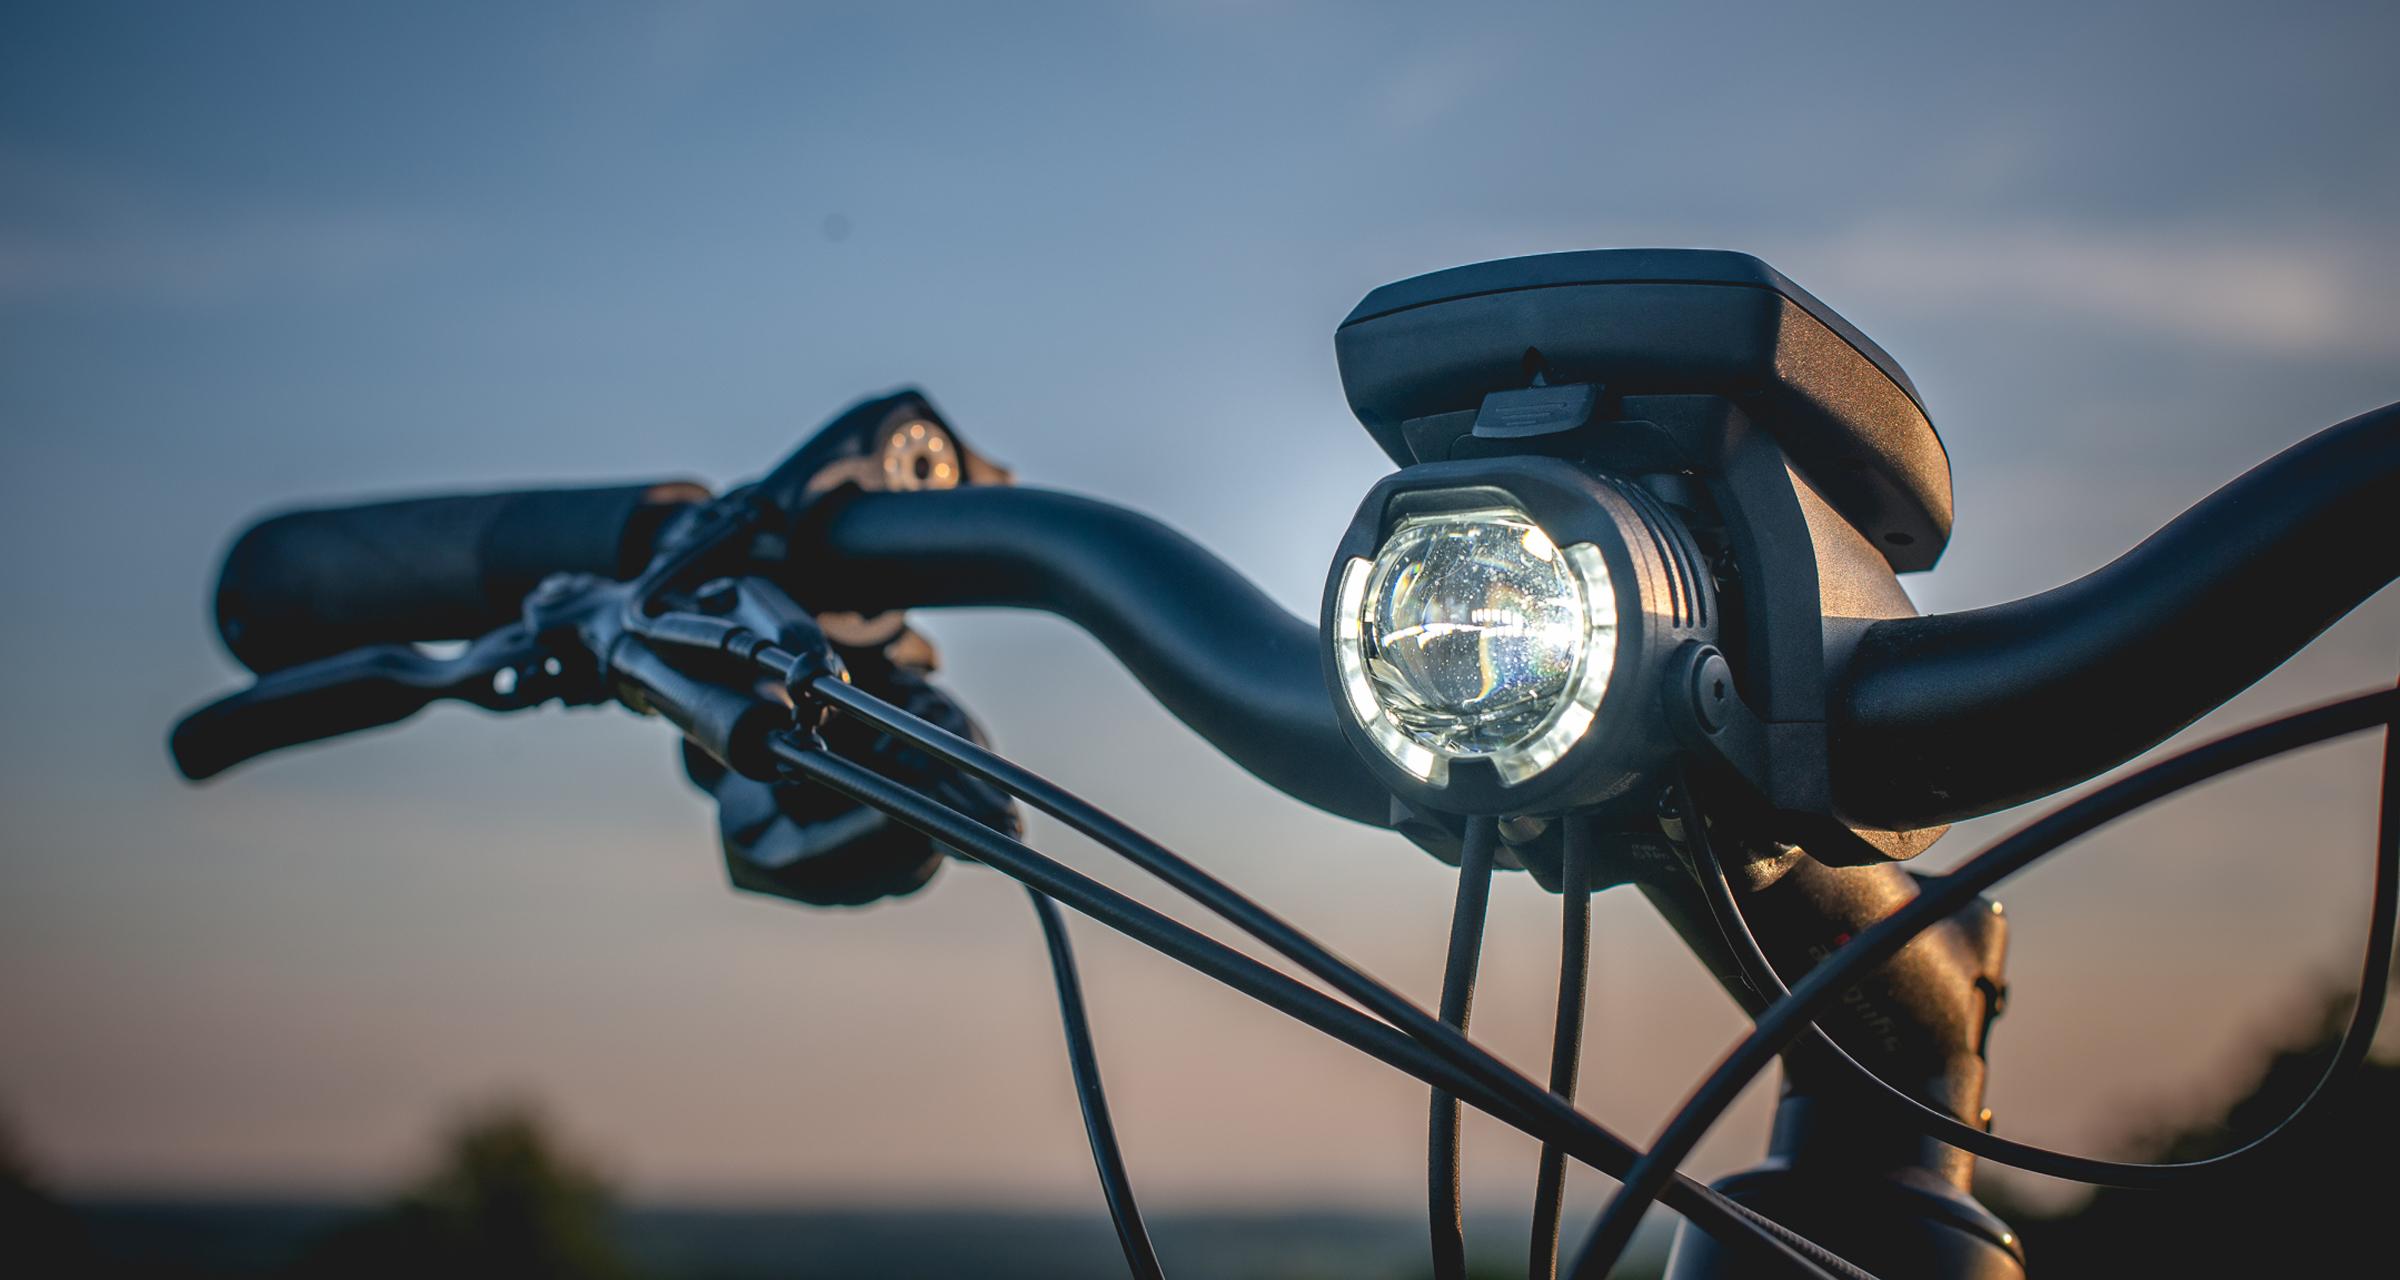 Fahrradlicht für Steps e8000 Pedelec Forum